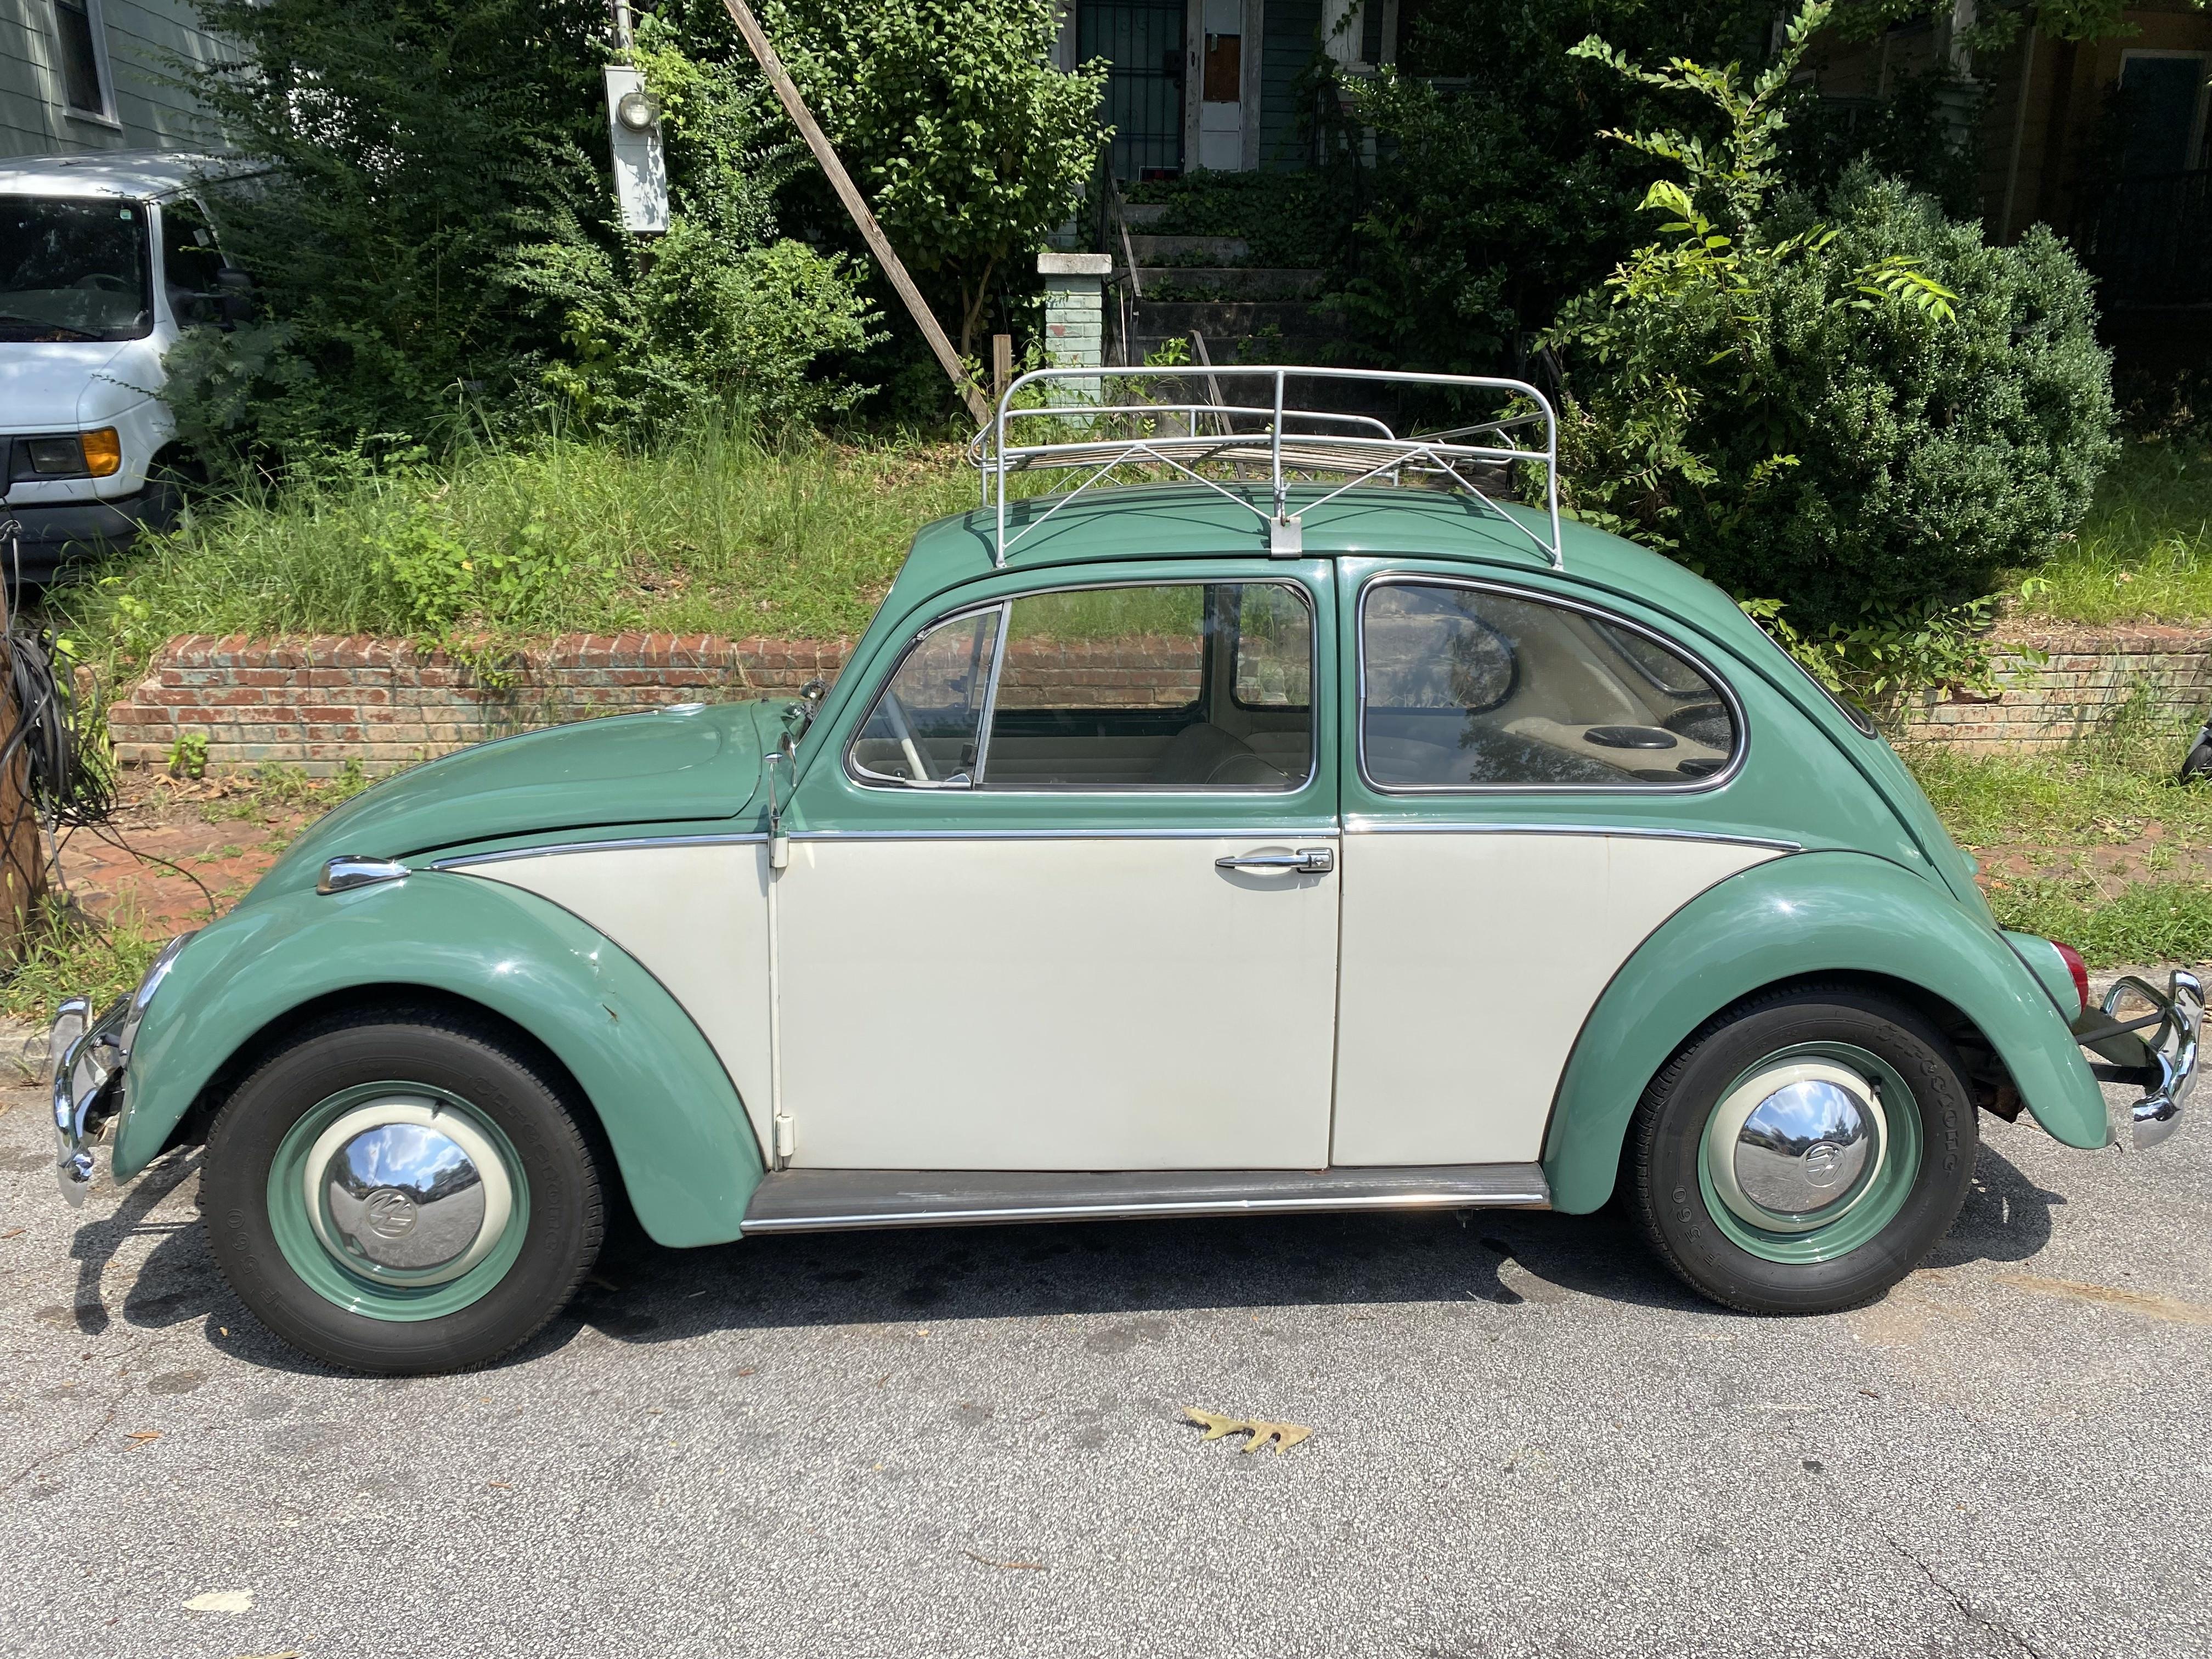 1970 Volkswagen Beetle Hire Atlanta